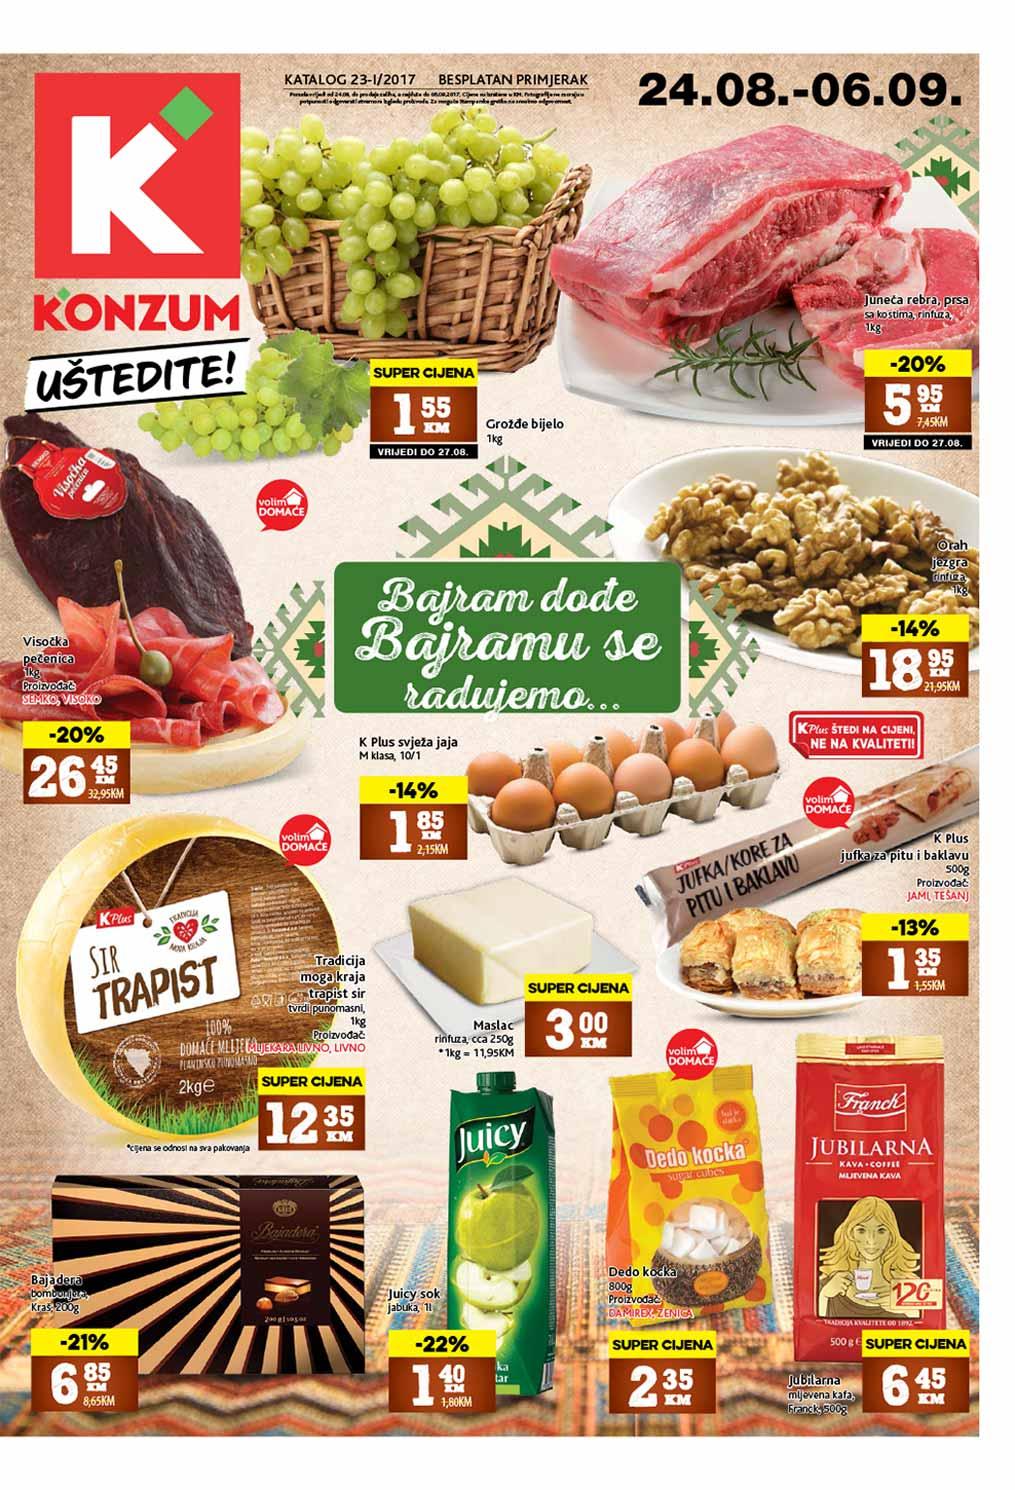 Konzum katalog - 06.09.2017.